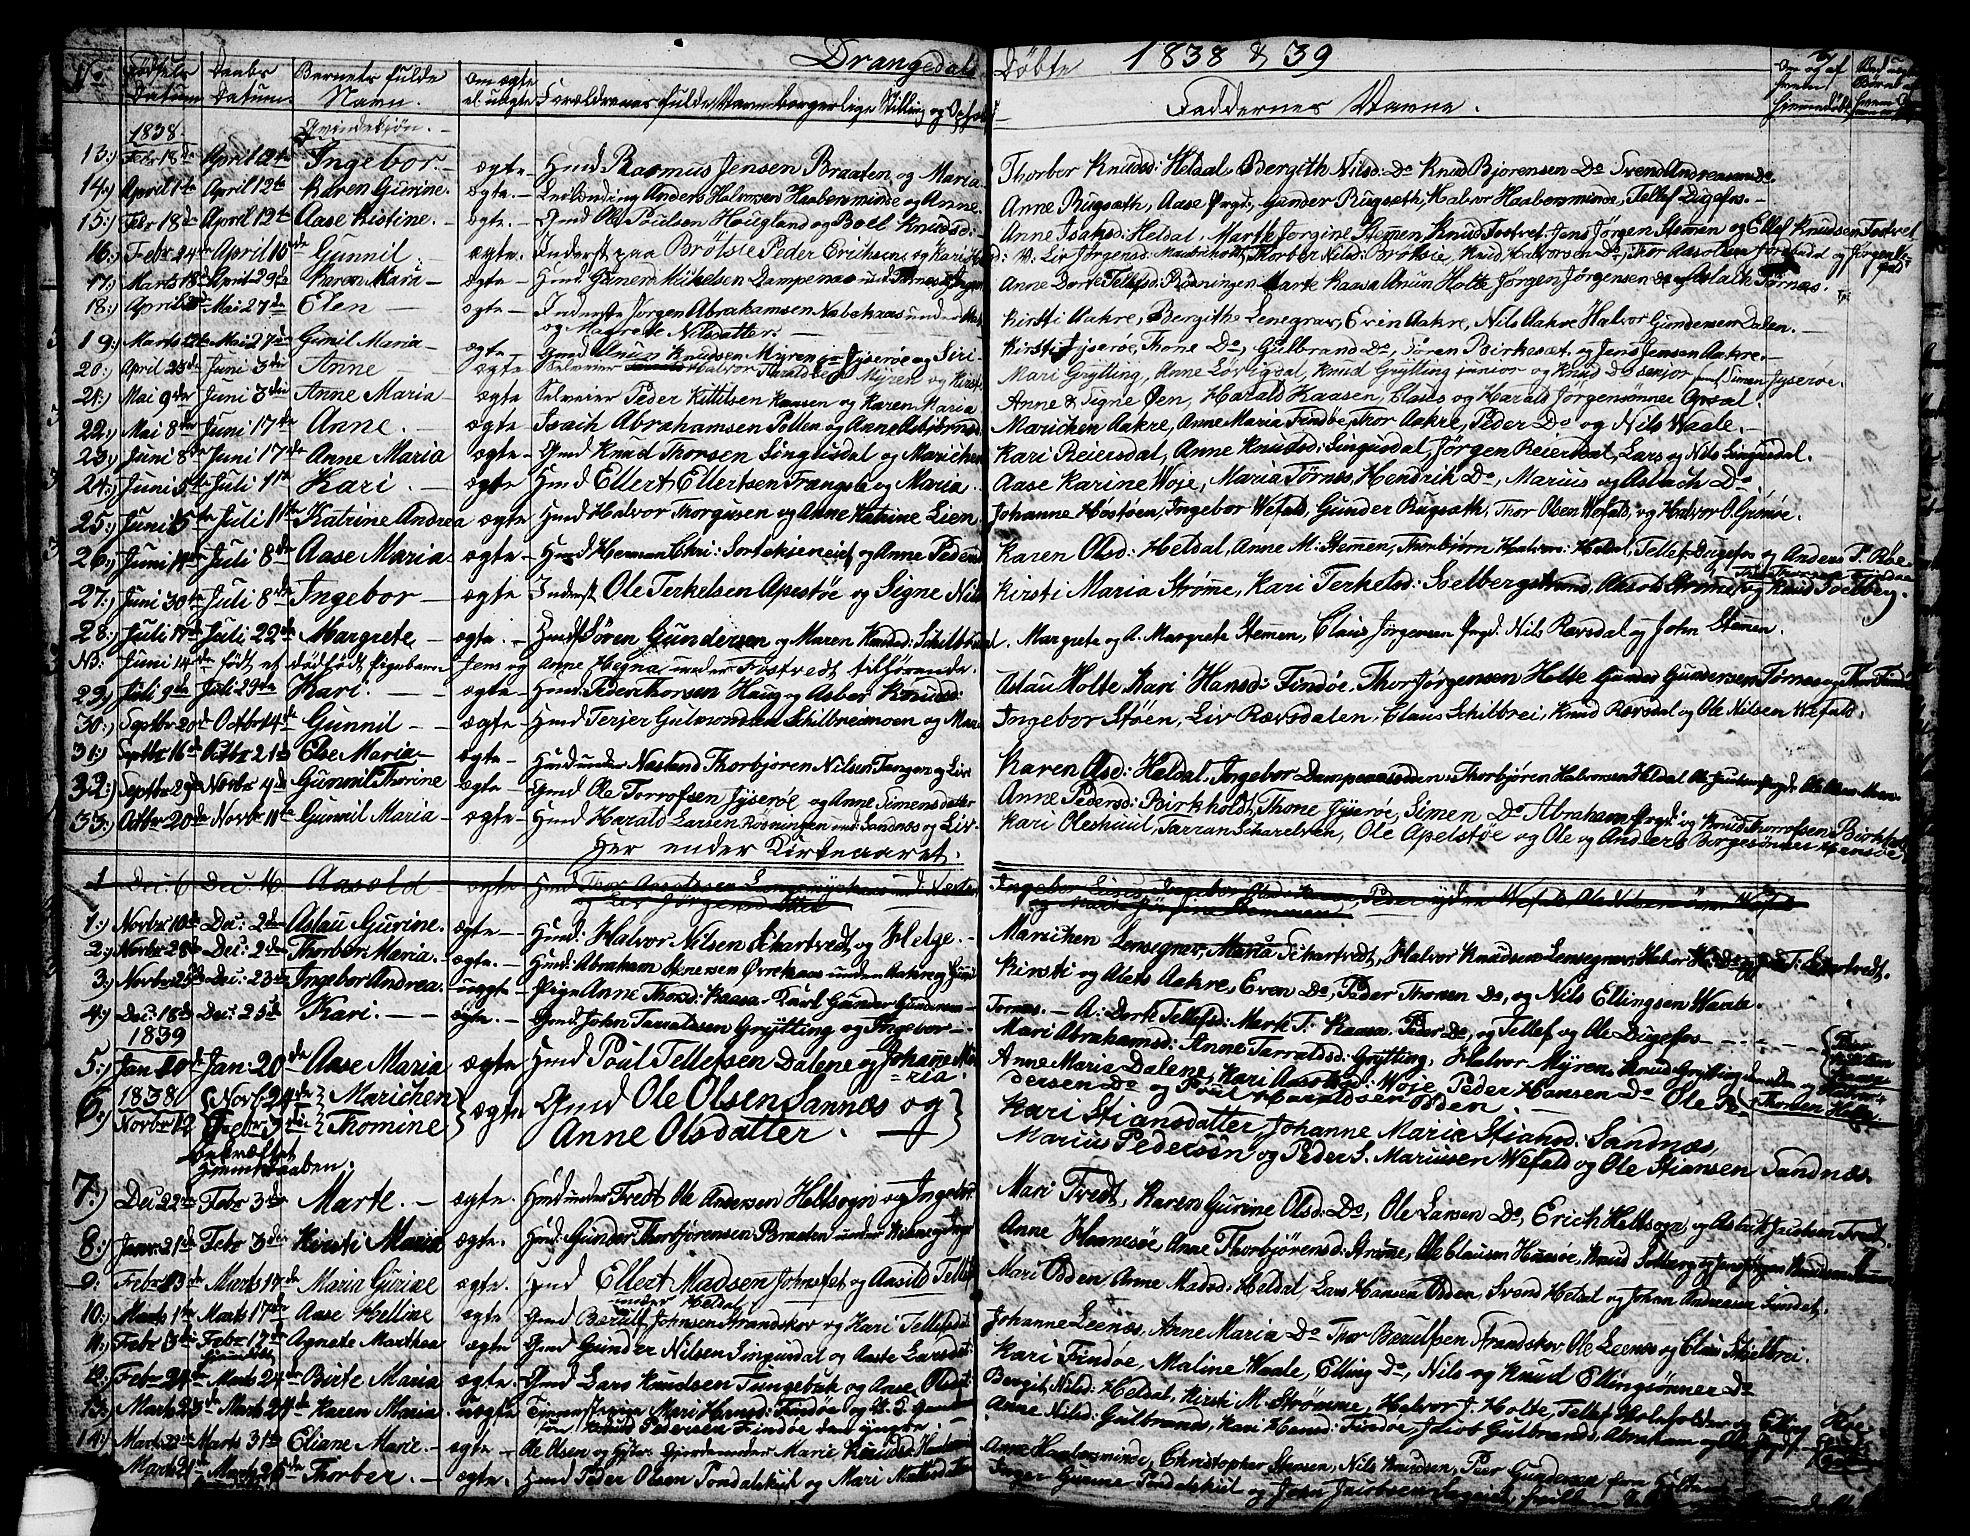 SAKO, Drangedal kirkebøker, G/Ga/L0001: Klokkerbok nr. I 1 /1, 1814-1856, s. 6